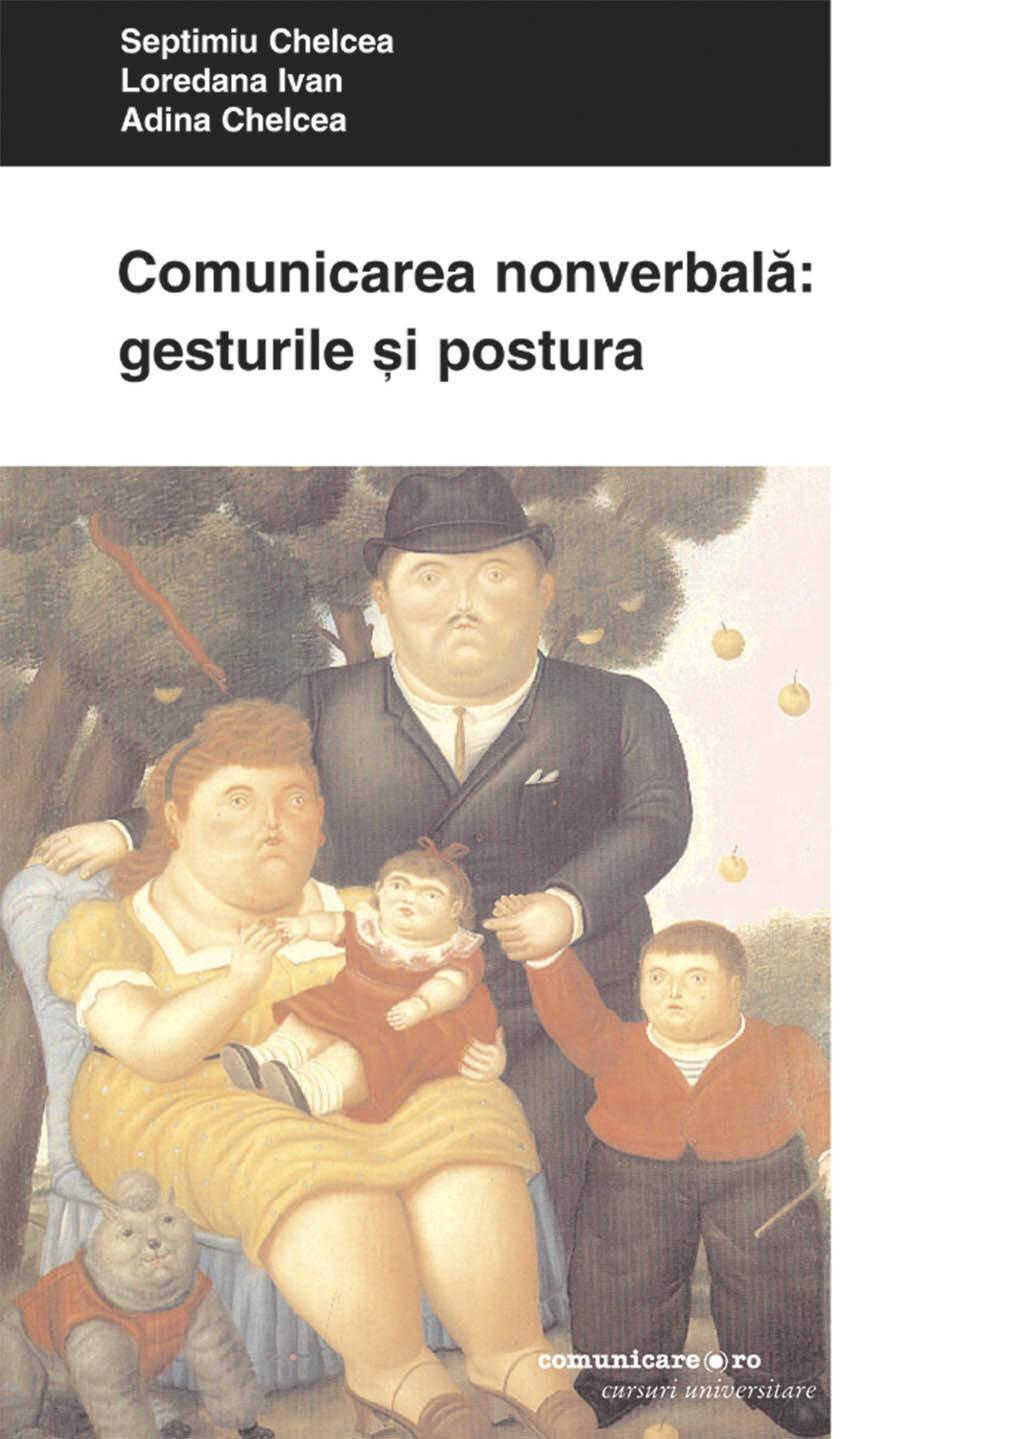 Comunicarea nonverbala: gesturile si postura (eBook)